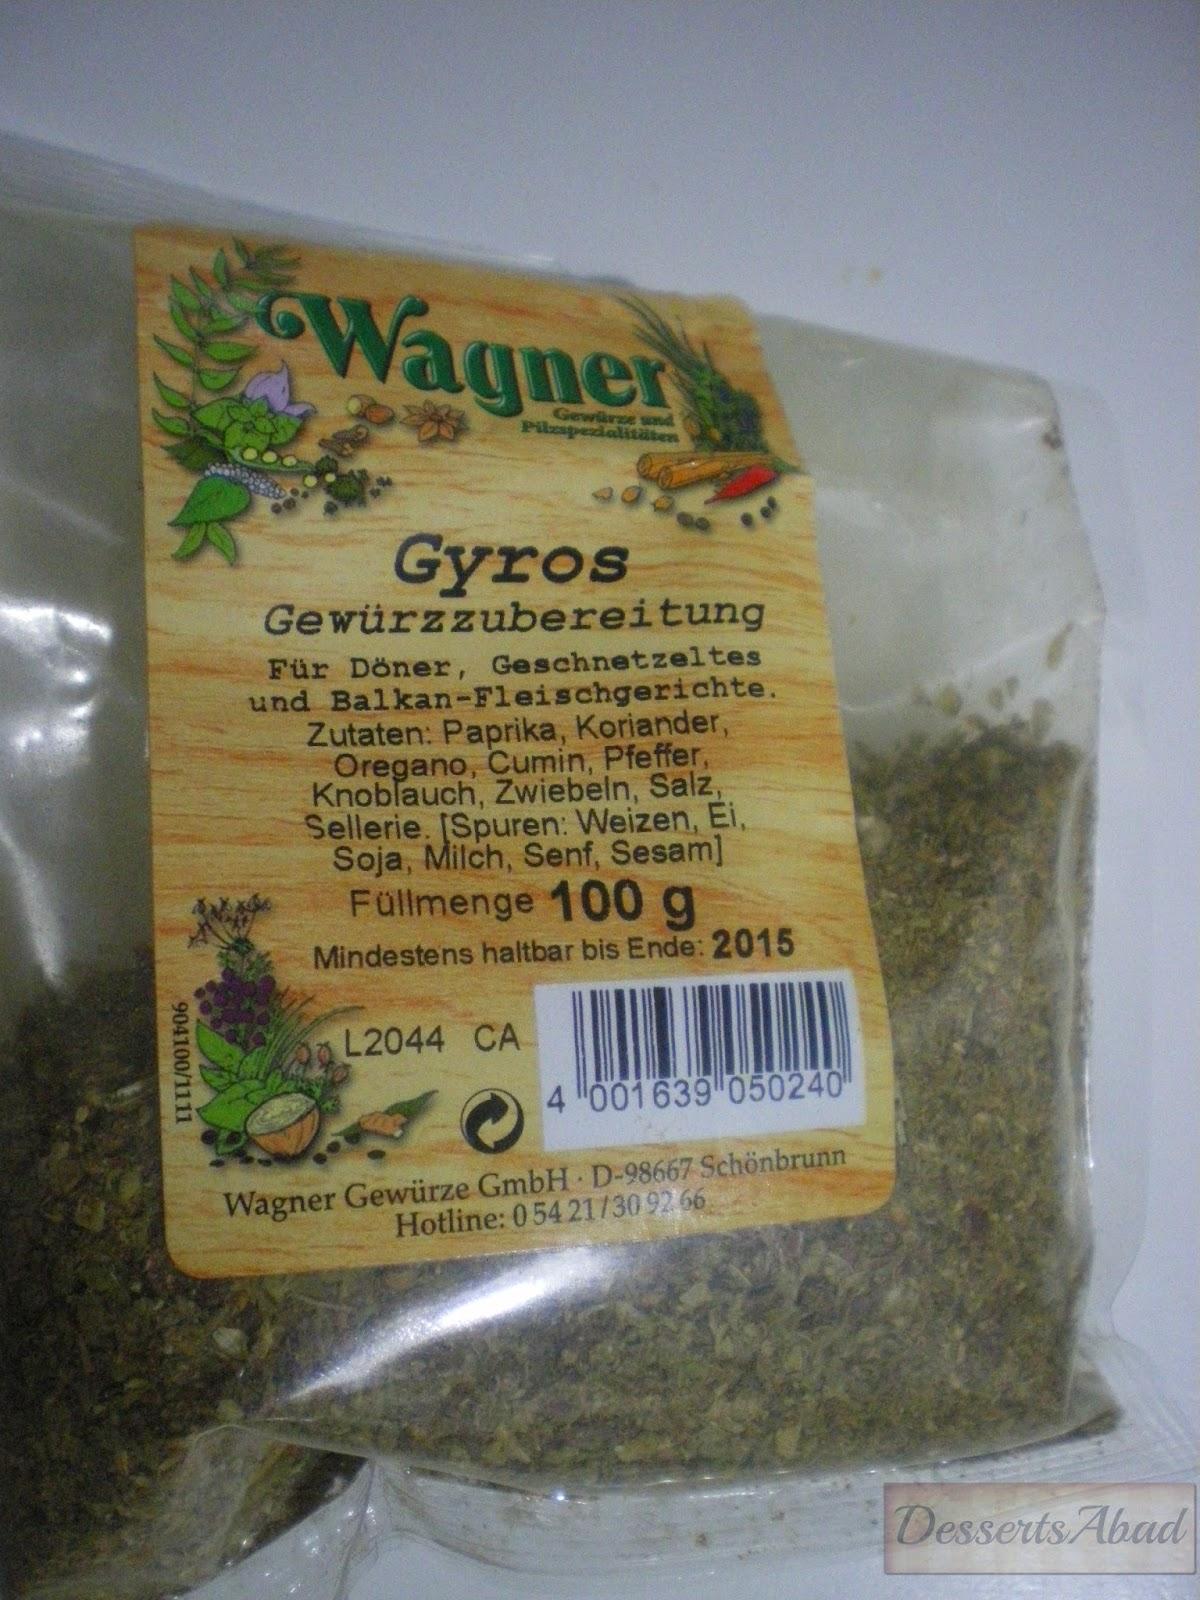 especias gyros